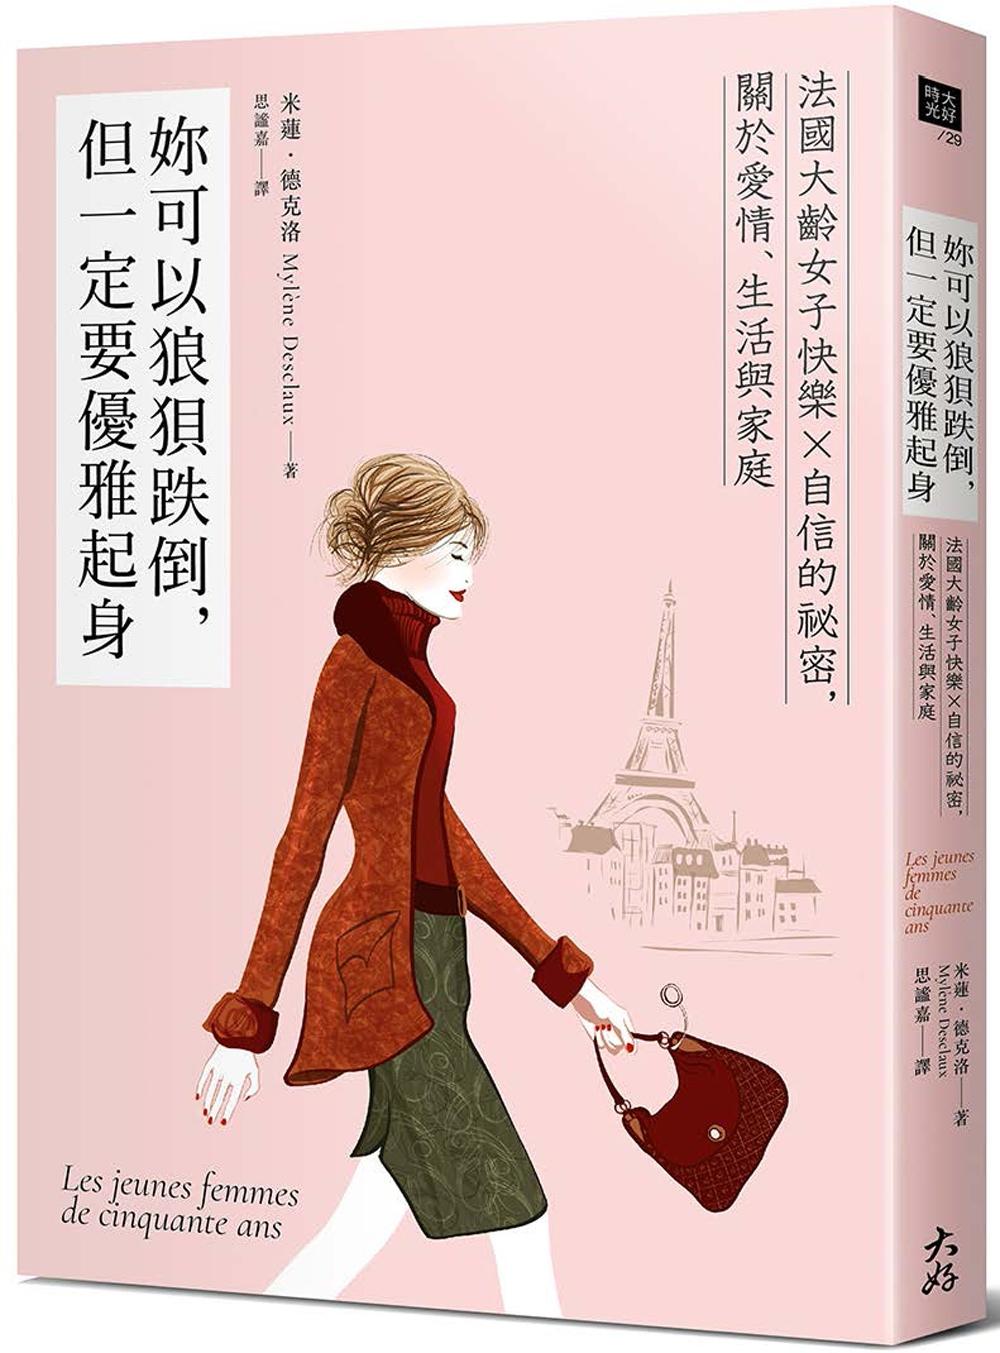 妳可以狼狽跌倒,但一定要優雅起身:法國大齡女子快樂╳自信的祕密,關於愛情、生活與家庭